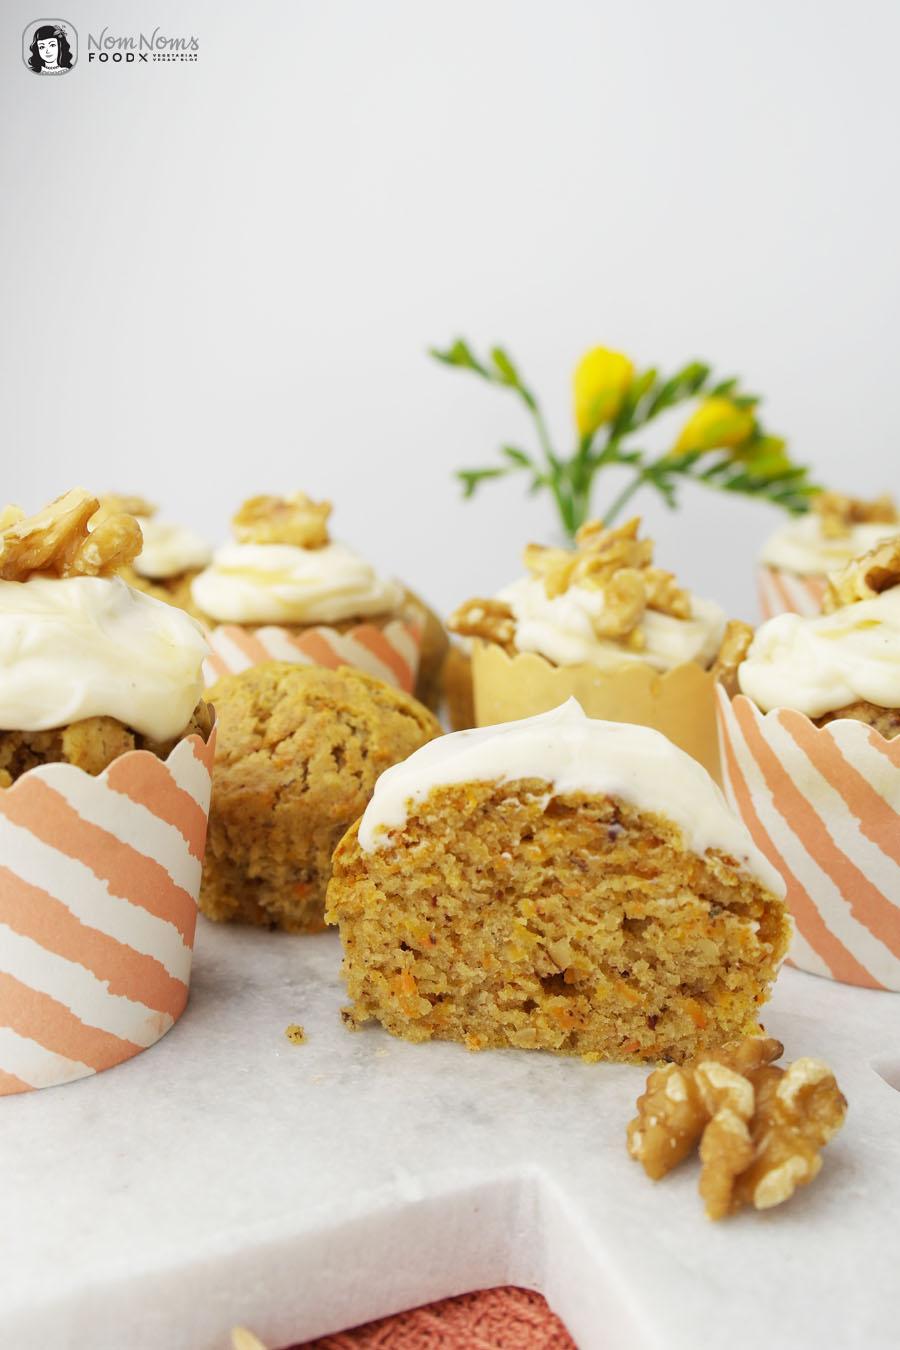 vegane karotten muffins mit ahornsirup frosting nom noms food. Black Bedroom Furniture Sets. Home Design Ideas